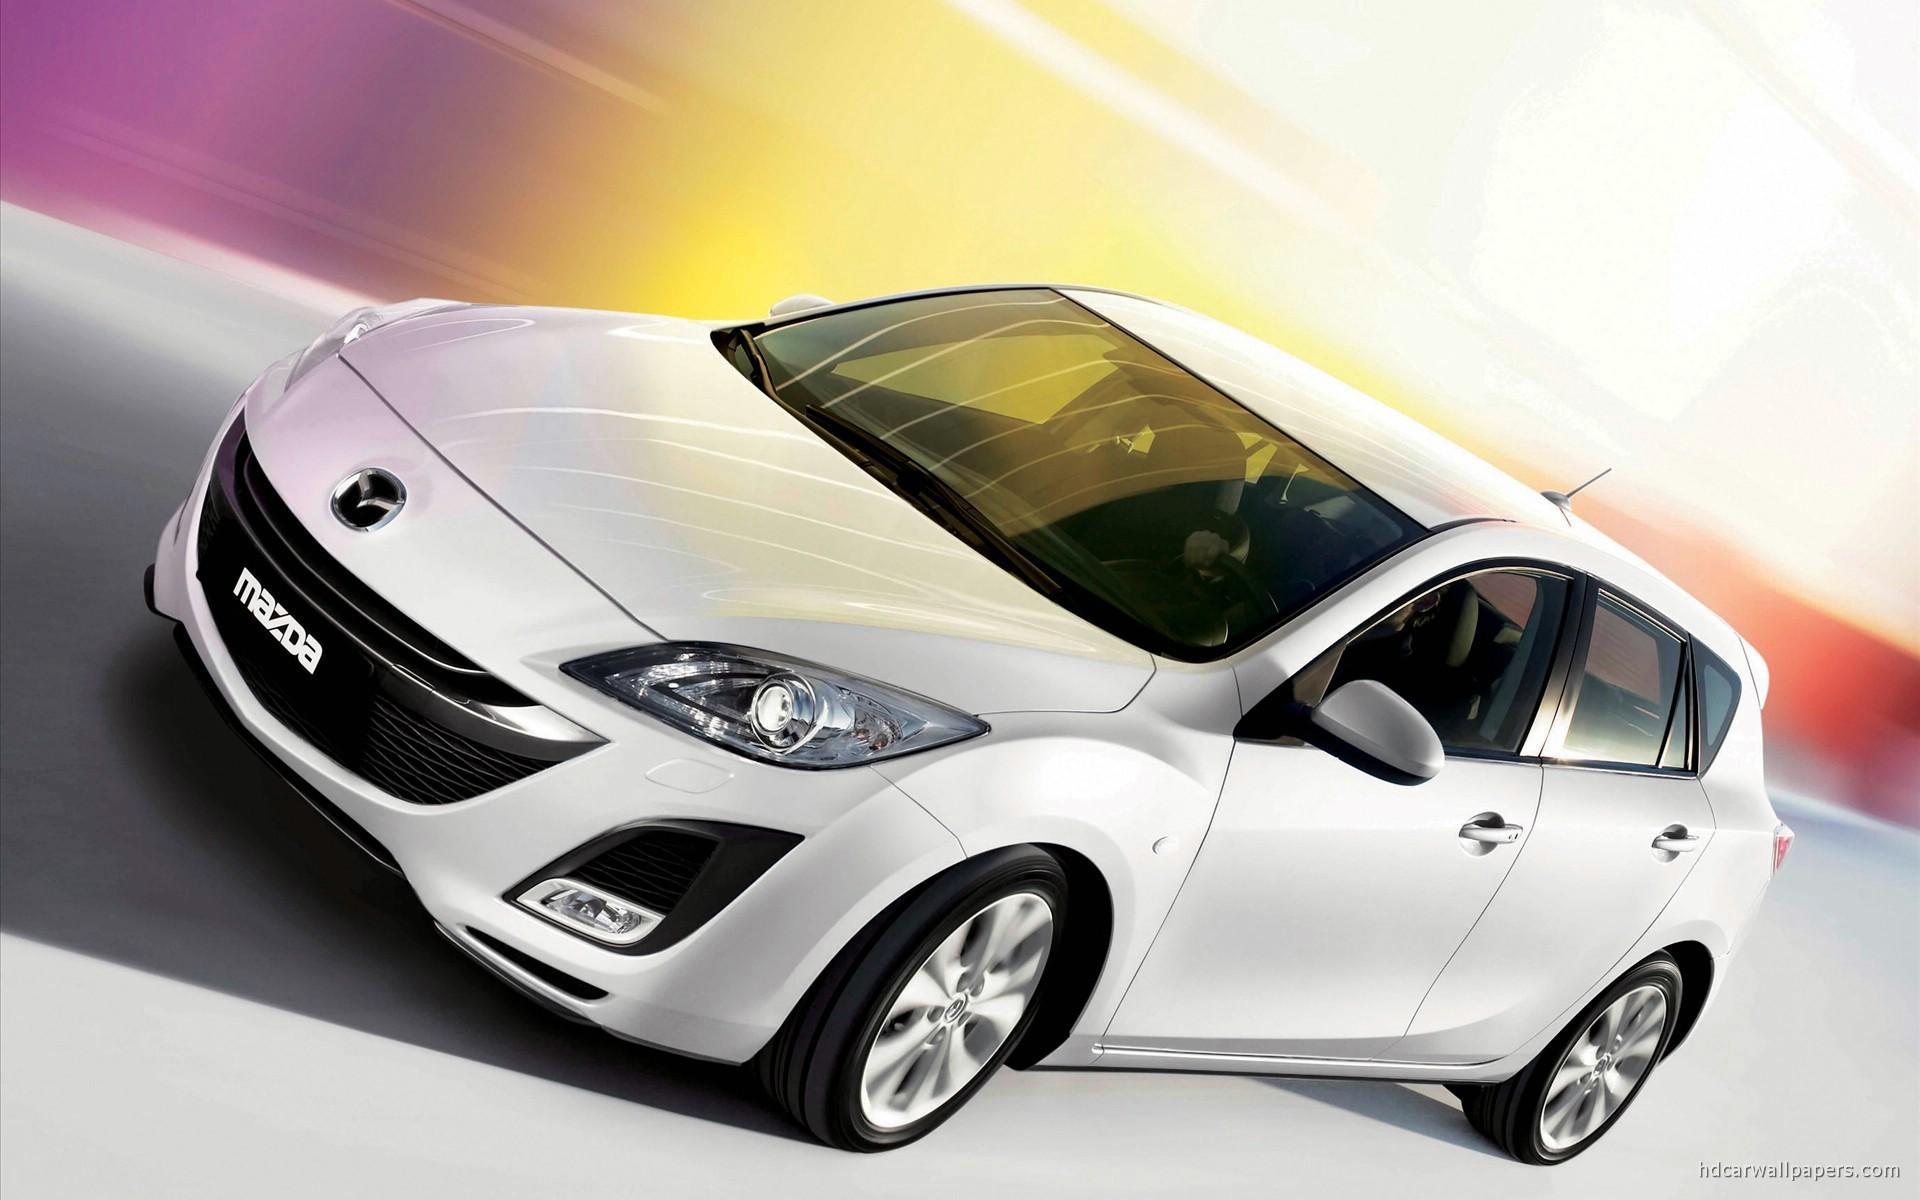 New Mazda 3 I Stop Wallpaper